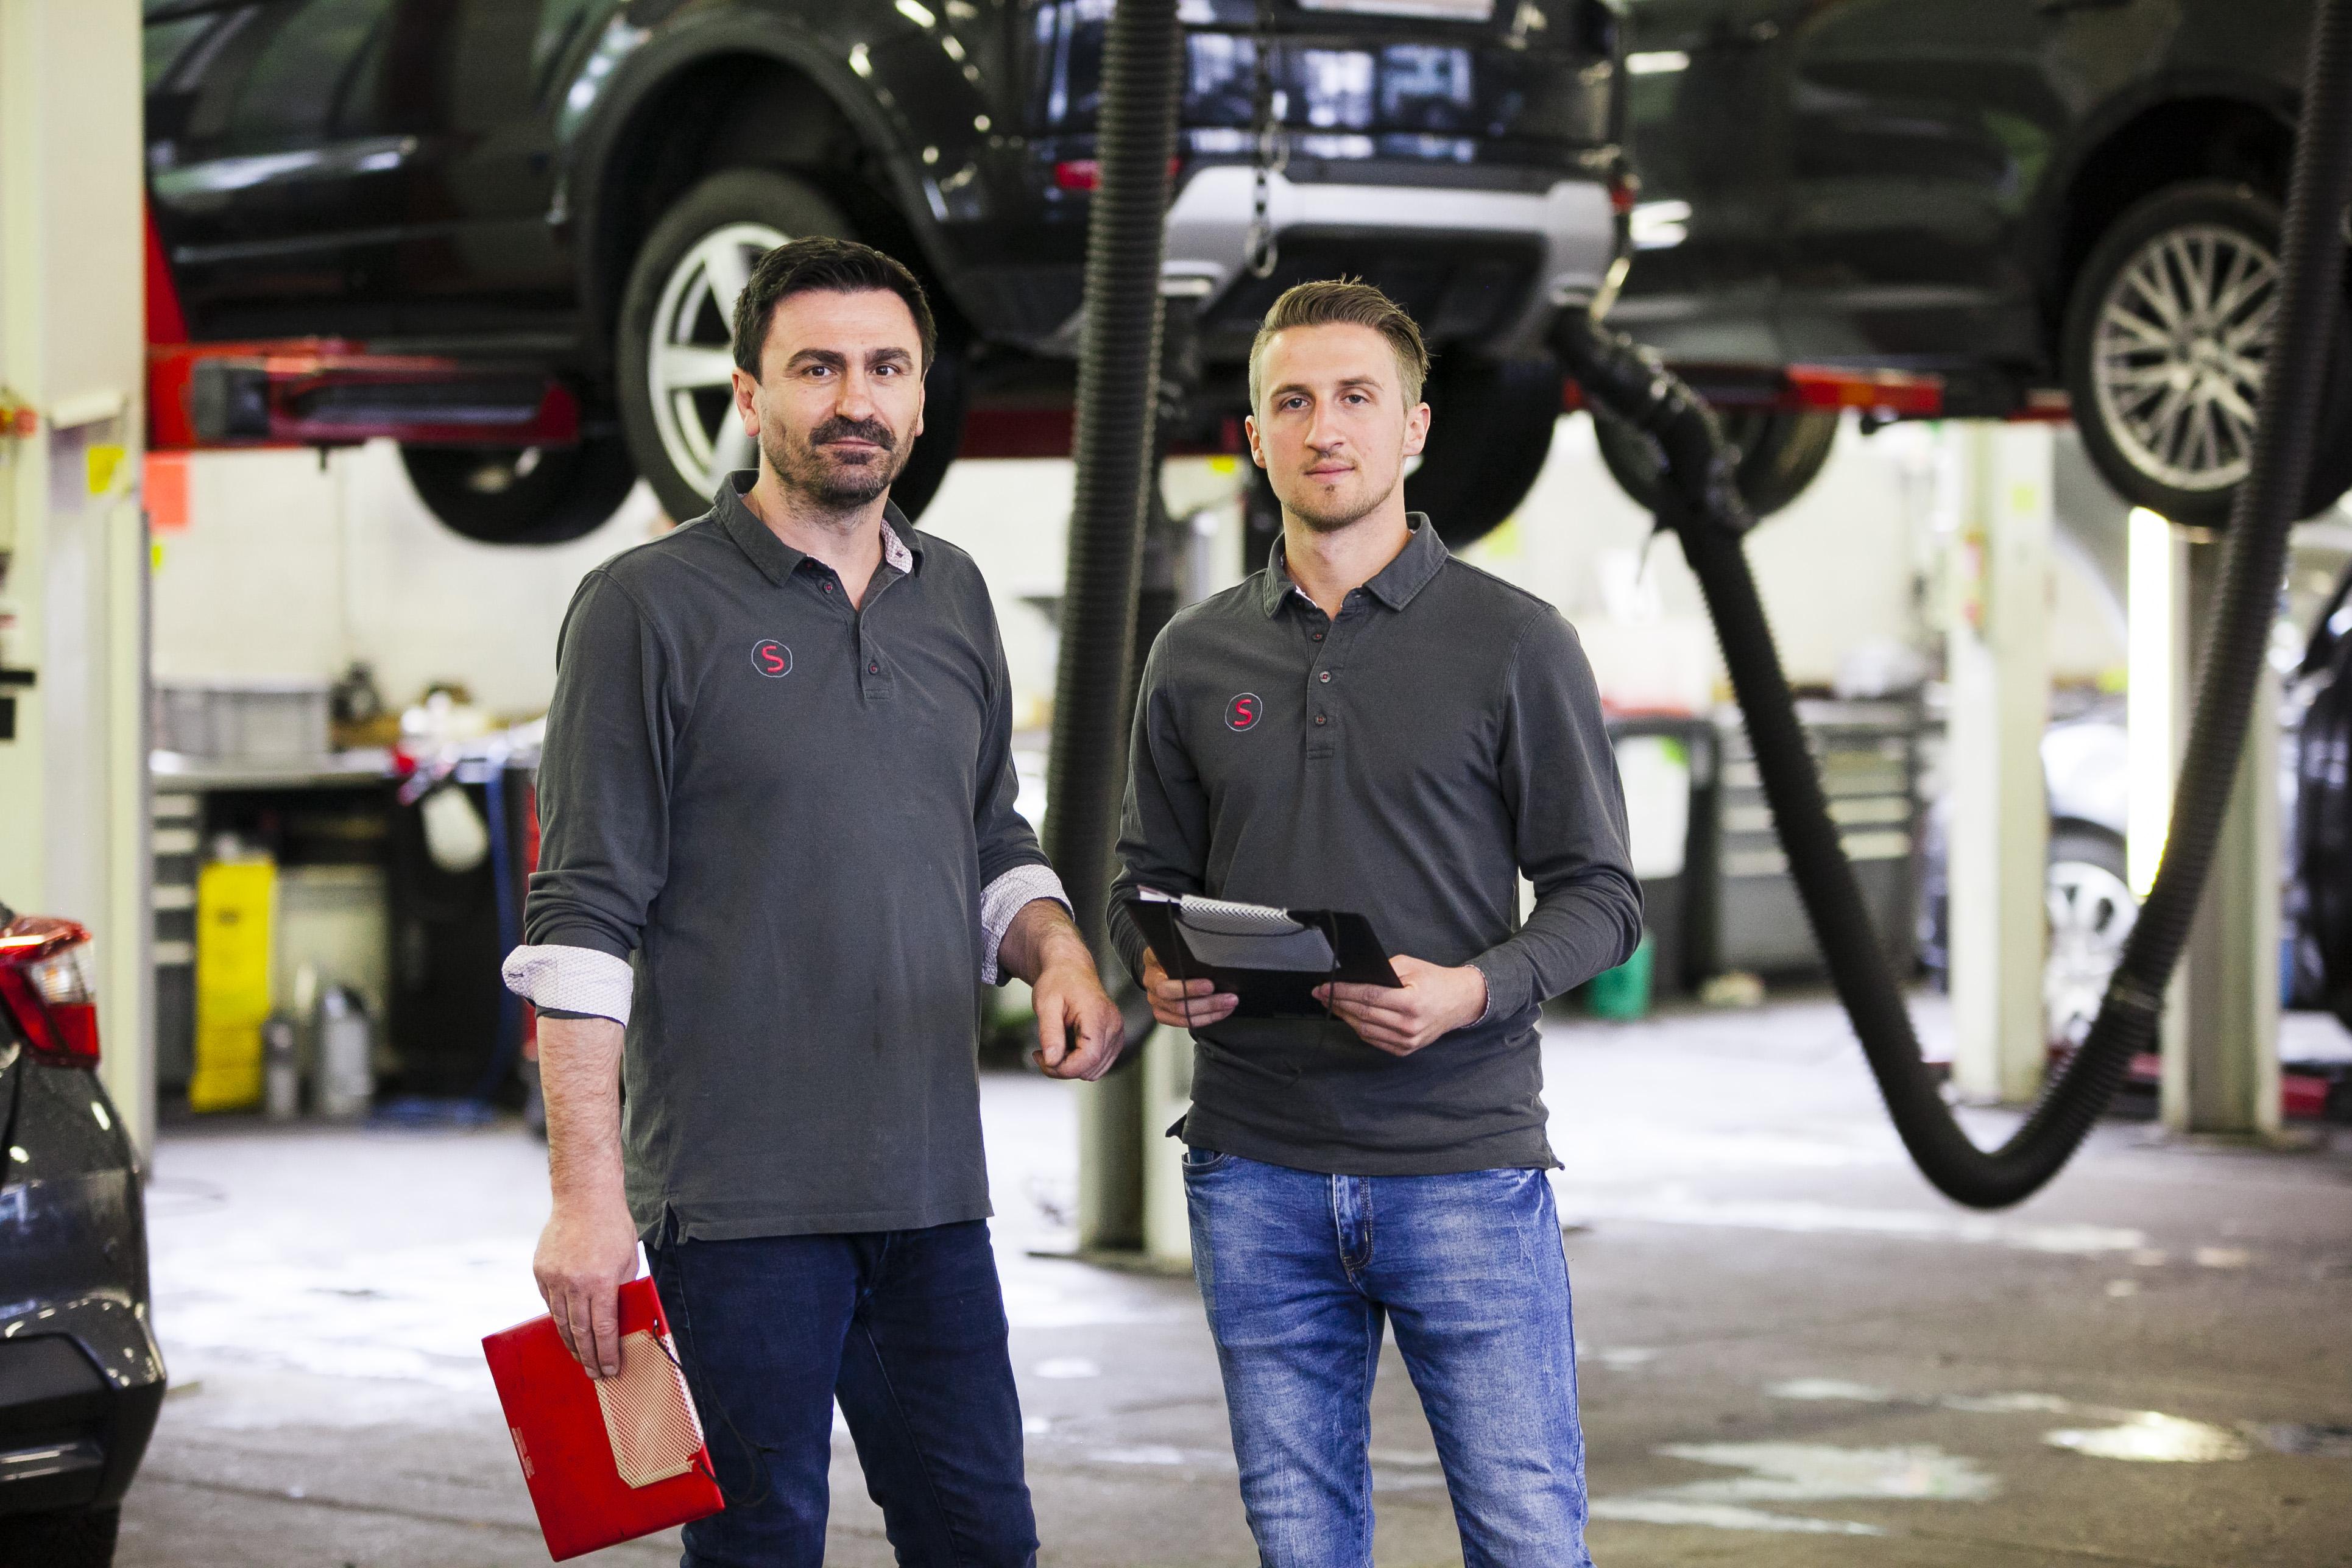 Auto Stahl Wien 20 Werkstätten Leiter Vinca Fatos und Werkstätten Leiter Stellvertretung Patrik Schmidt